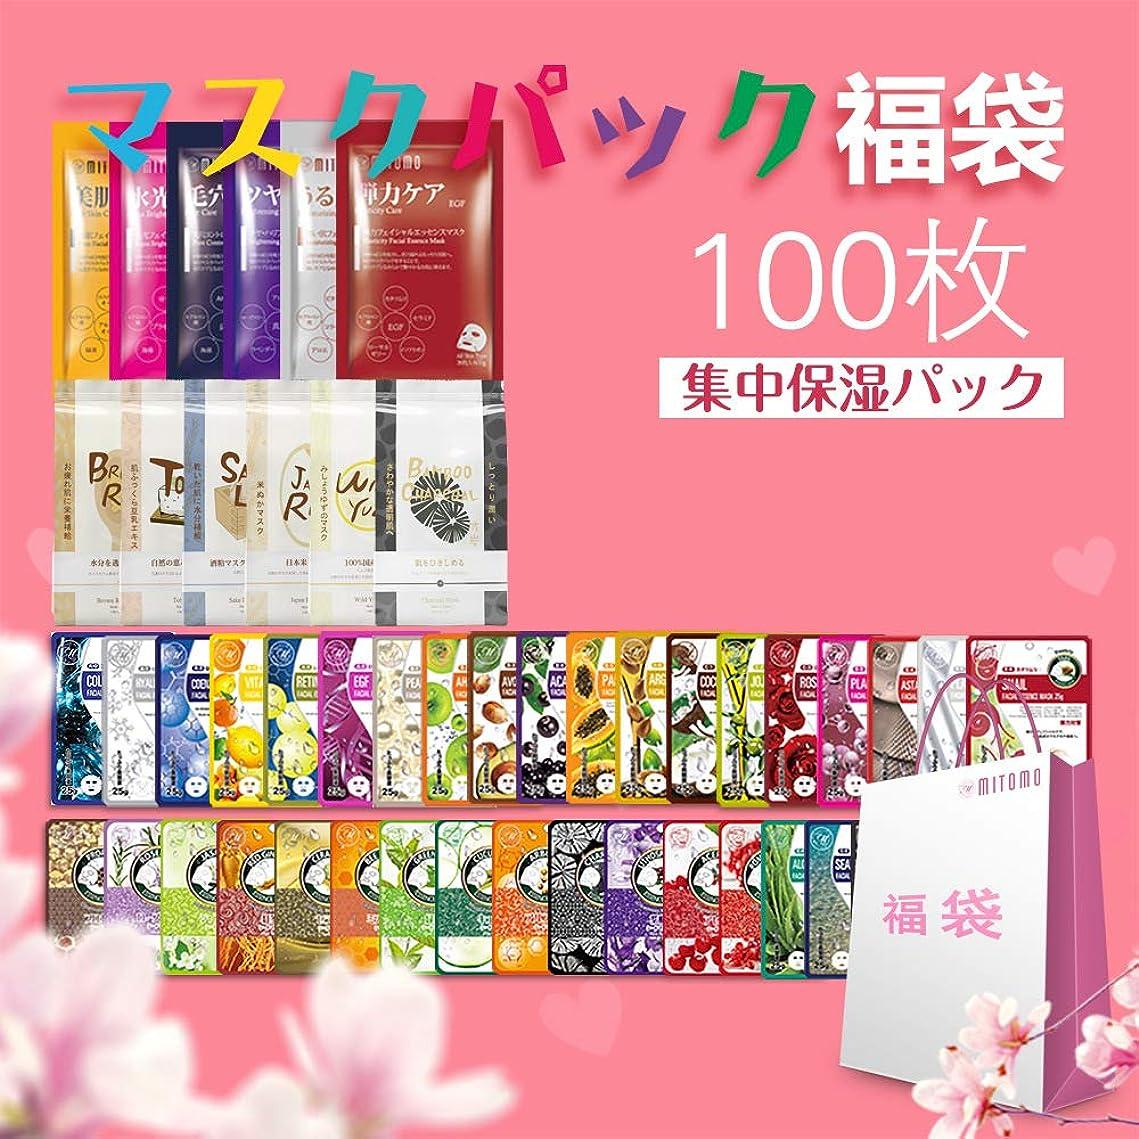 砂利すみません慰め【SBPRKL0100】シートマスク/100枚/美容液/マスクパック/送料無料